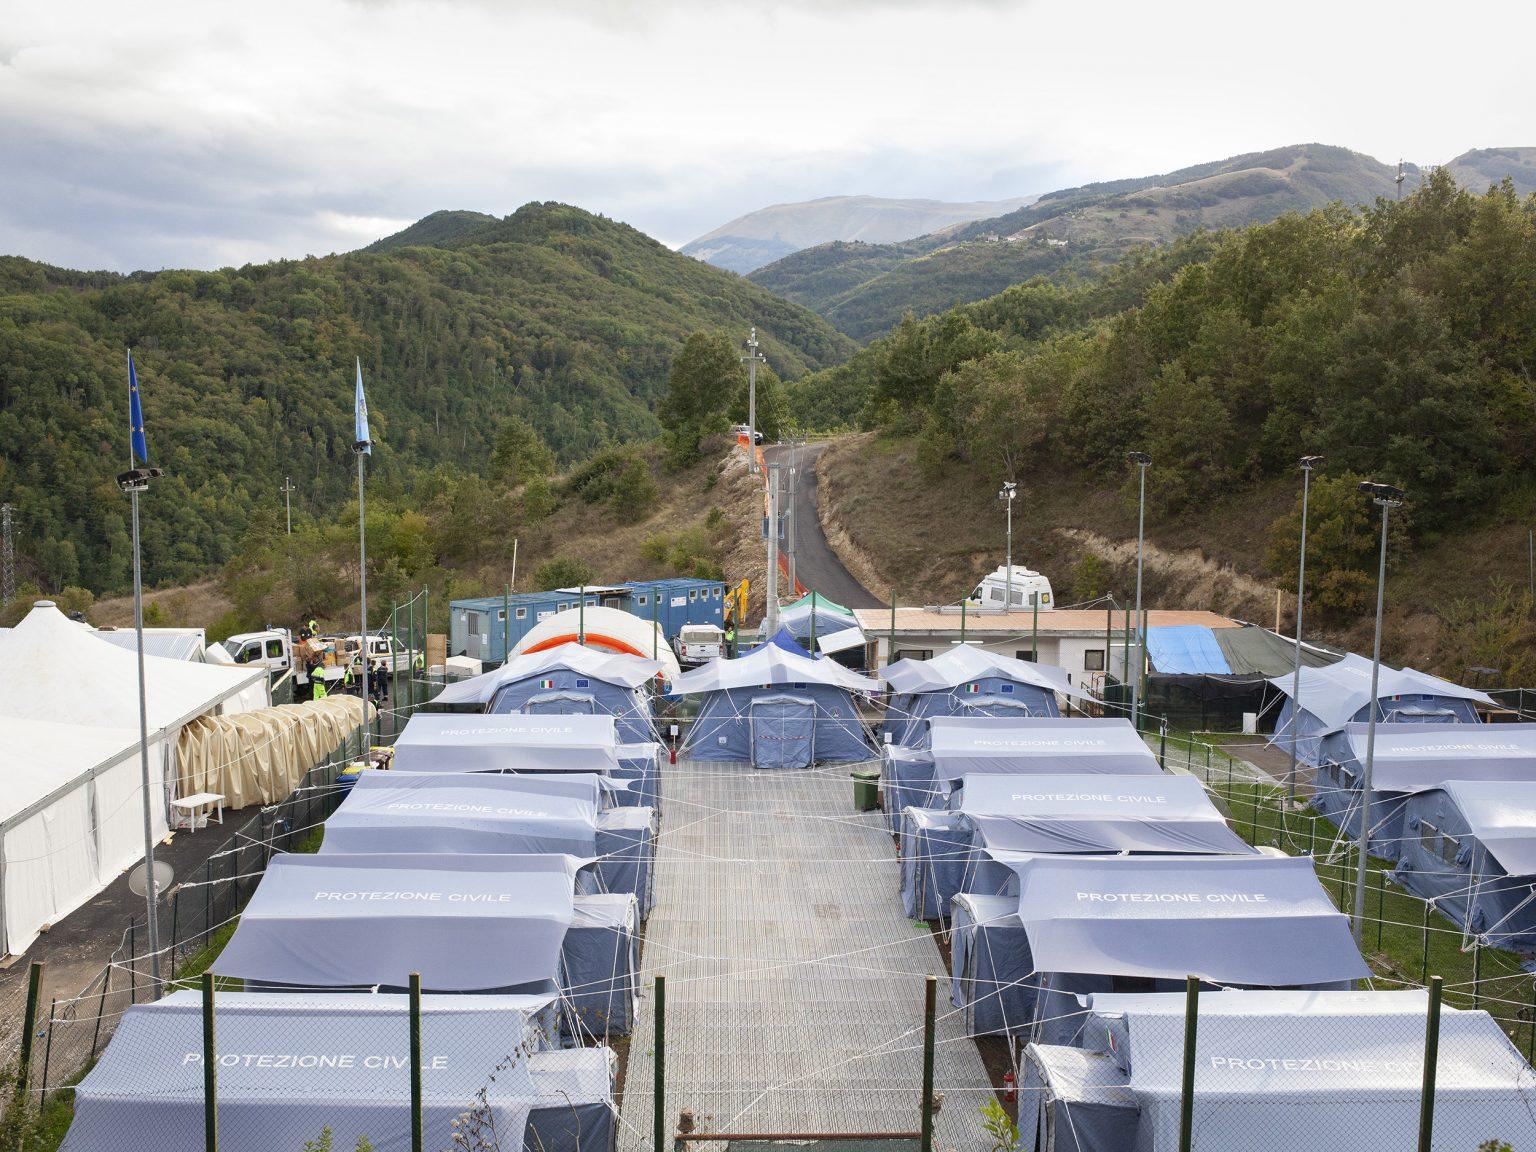 Accumoli, settembre 2016 Il campo temporaneo della Protezione Civile per ospitare gli abitanti di Accumoli.